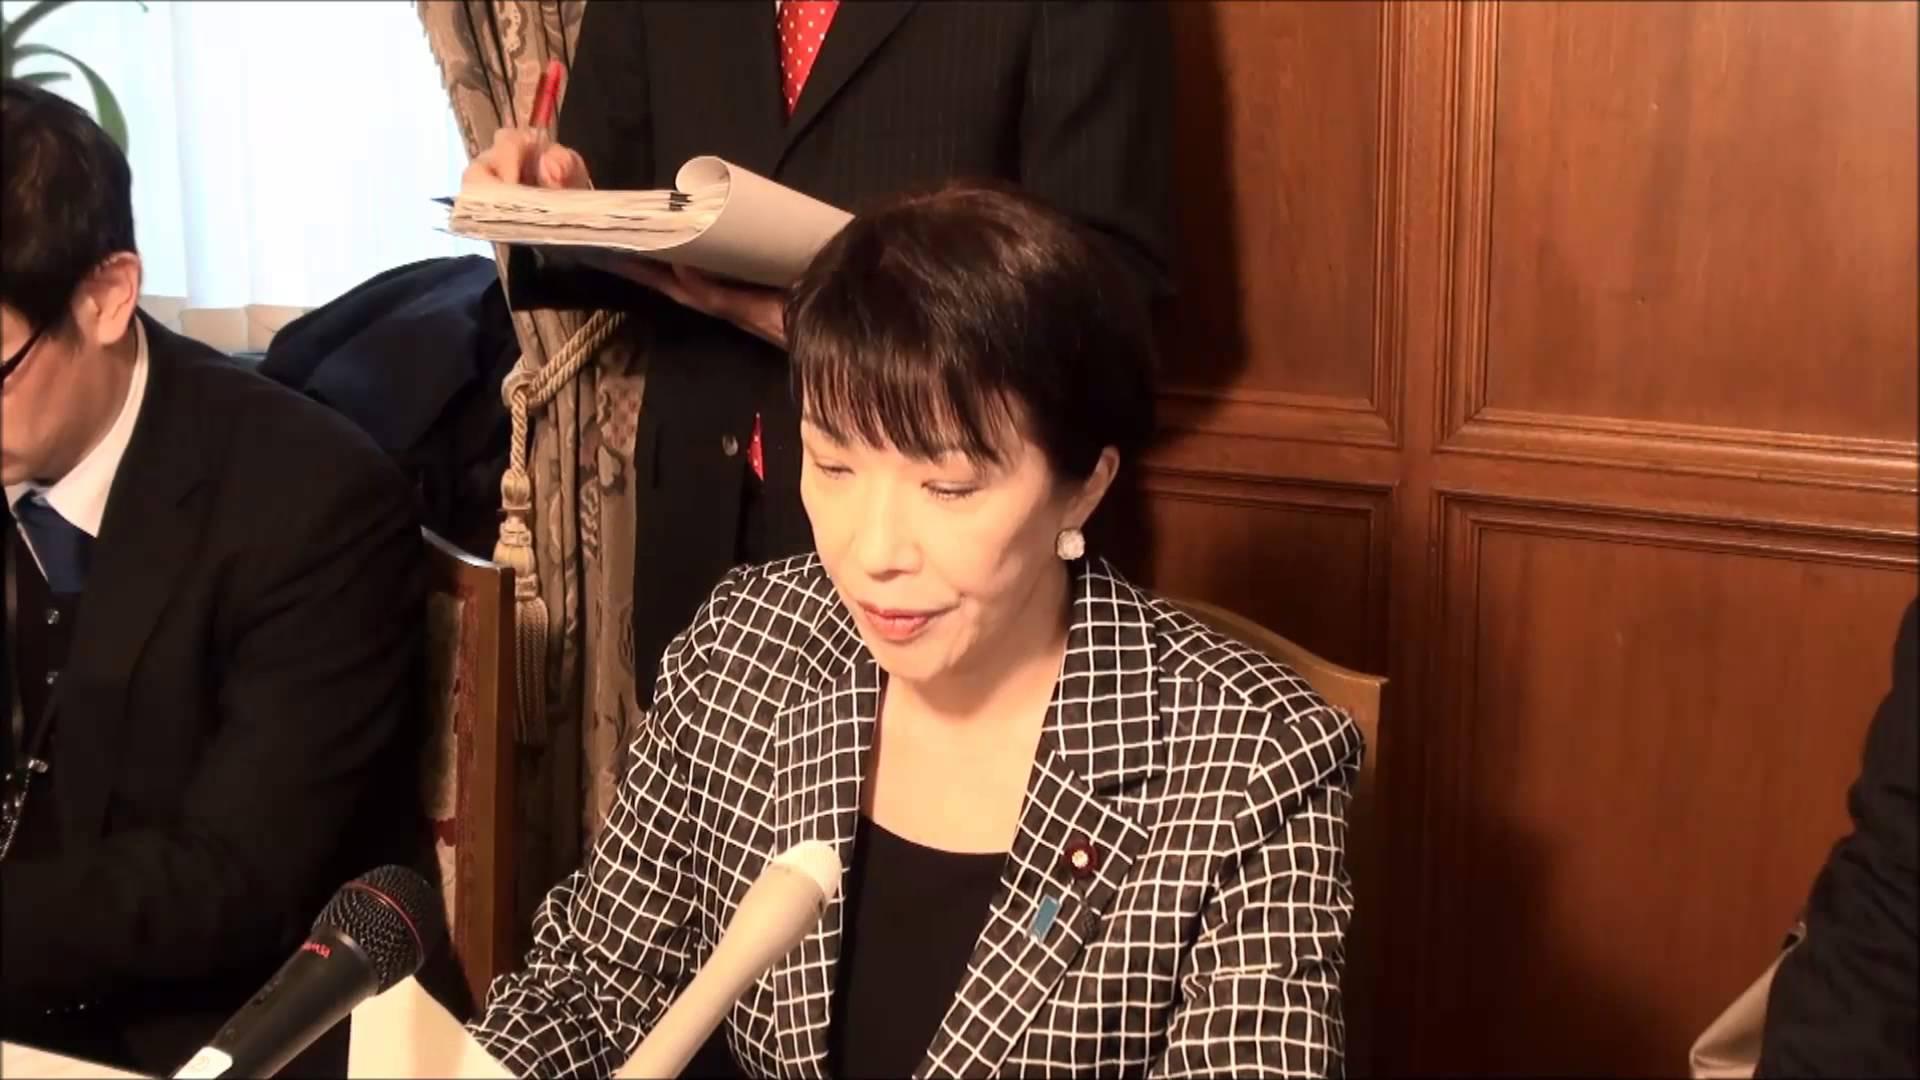 高市総務大臣 「特段の問題はない」大阪都構想の協定書